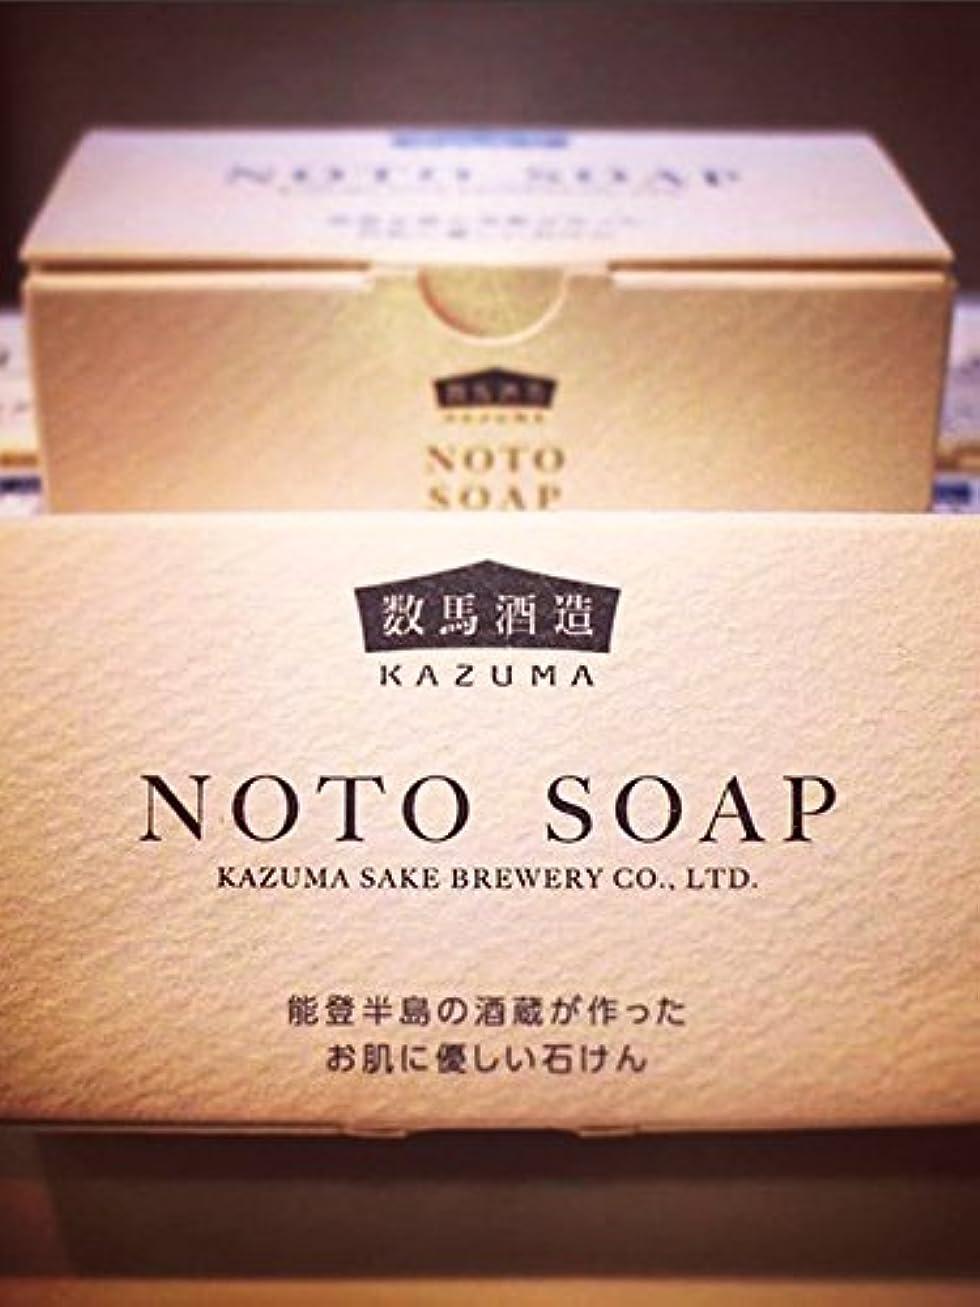 与える主人熱竹葉 NOTO SOAP 酒粕石鹸 1個80g